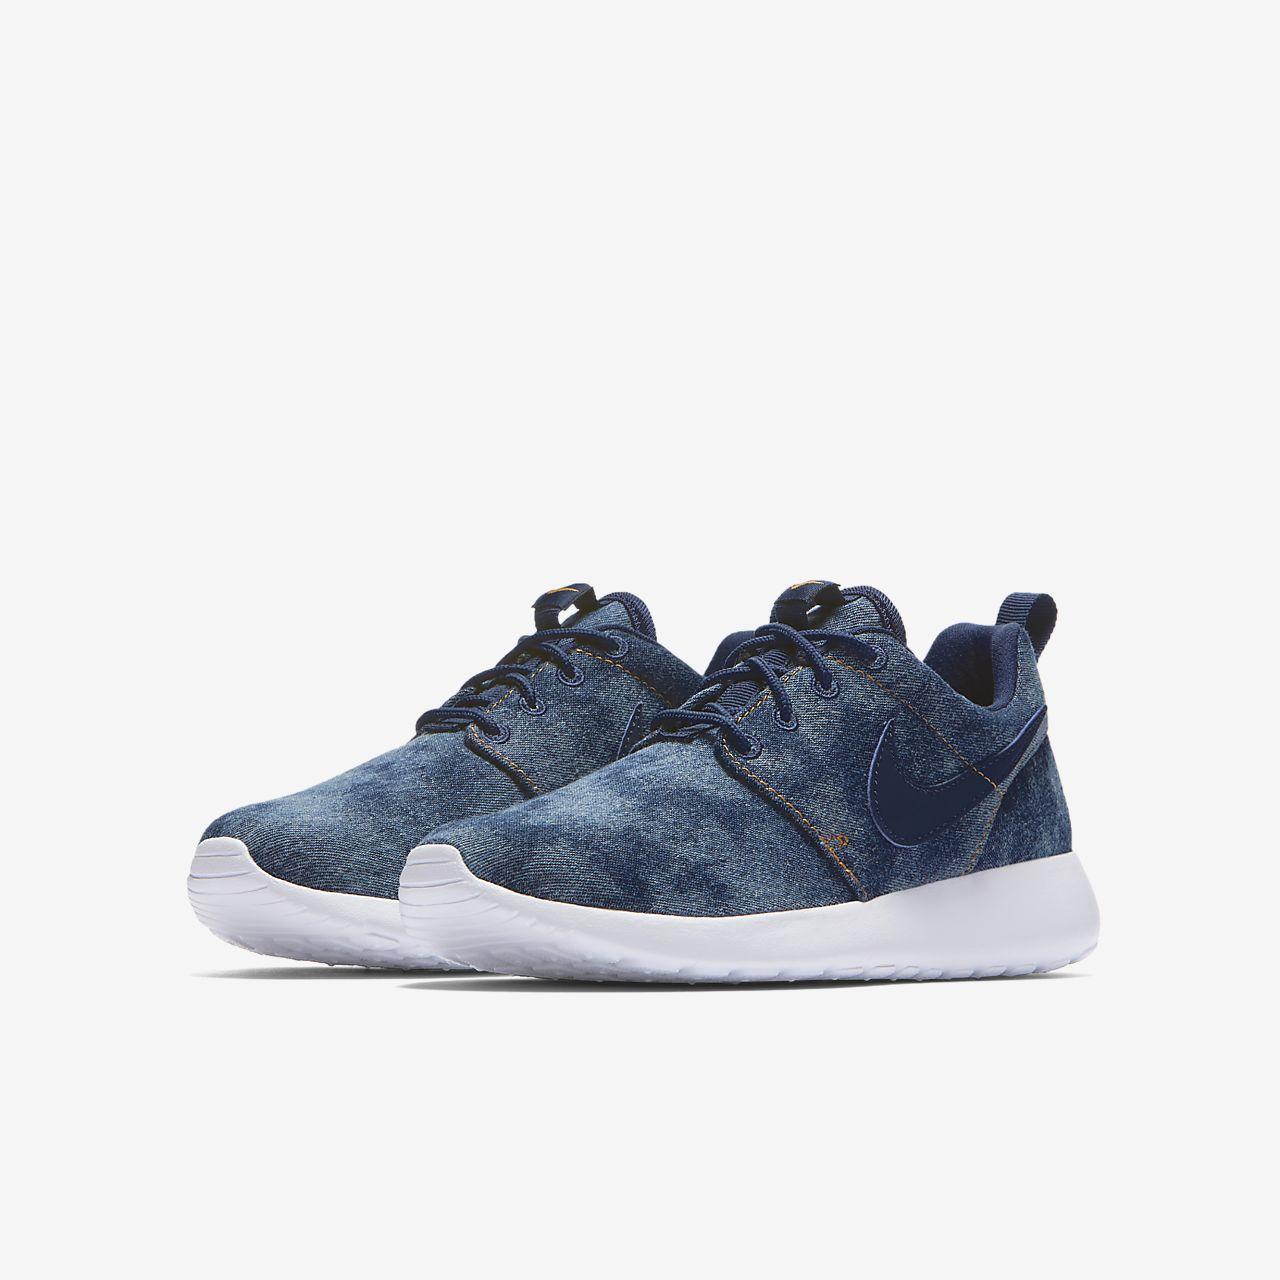 ... Nike Roshe One SE Big Kids' Shoe